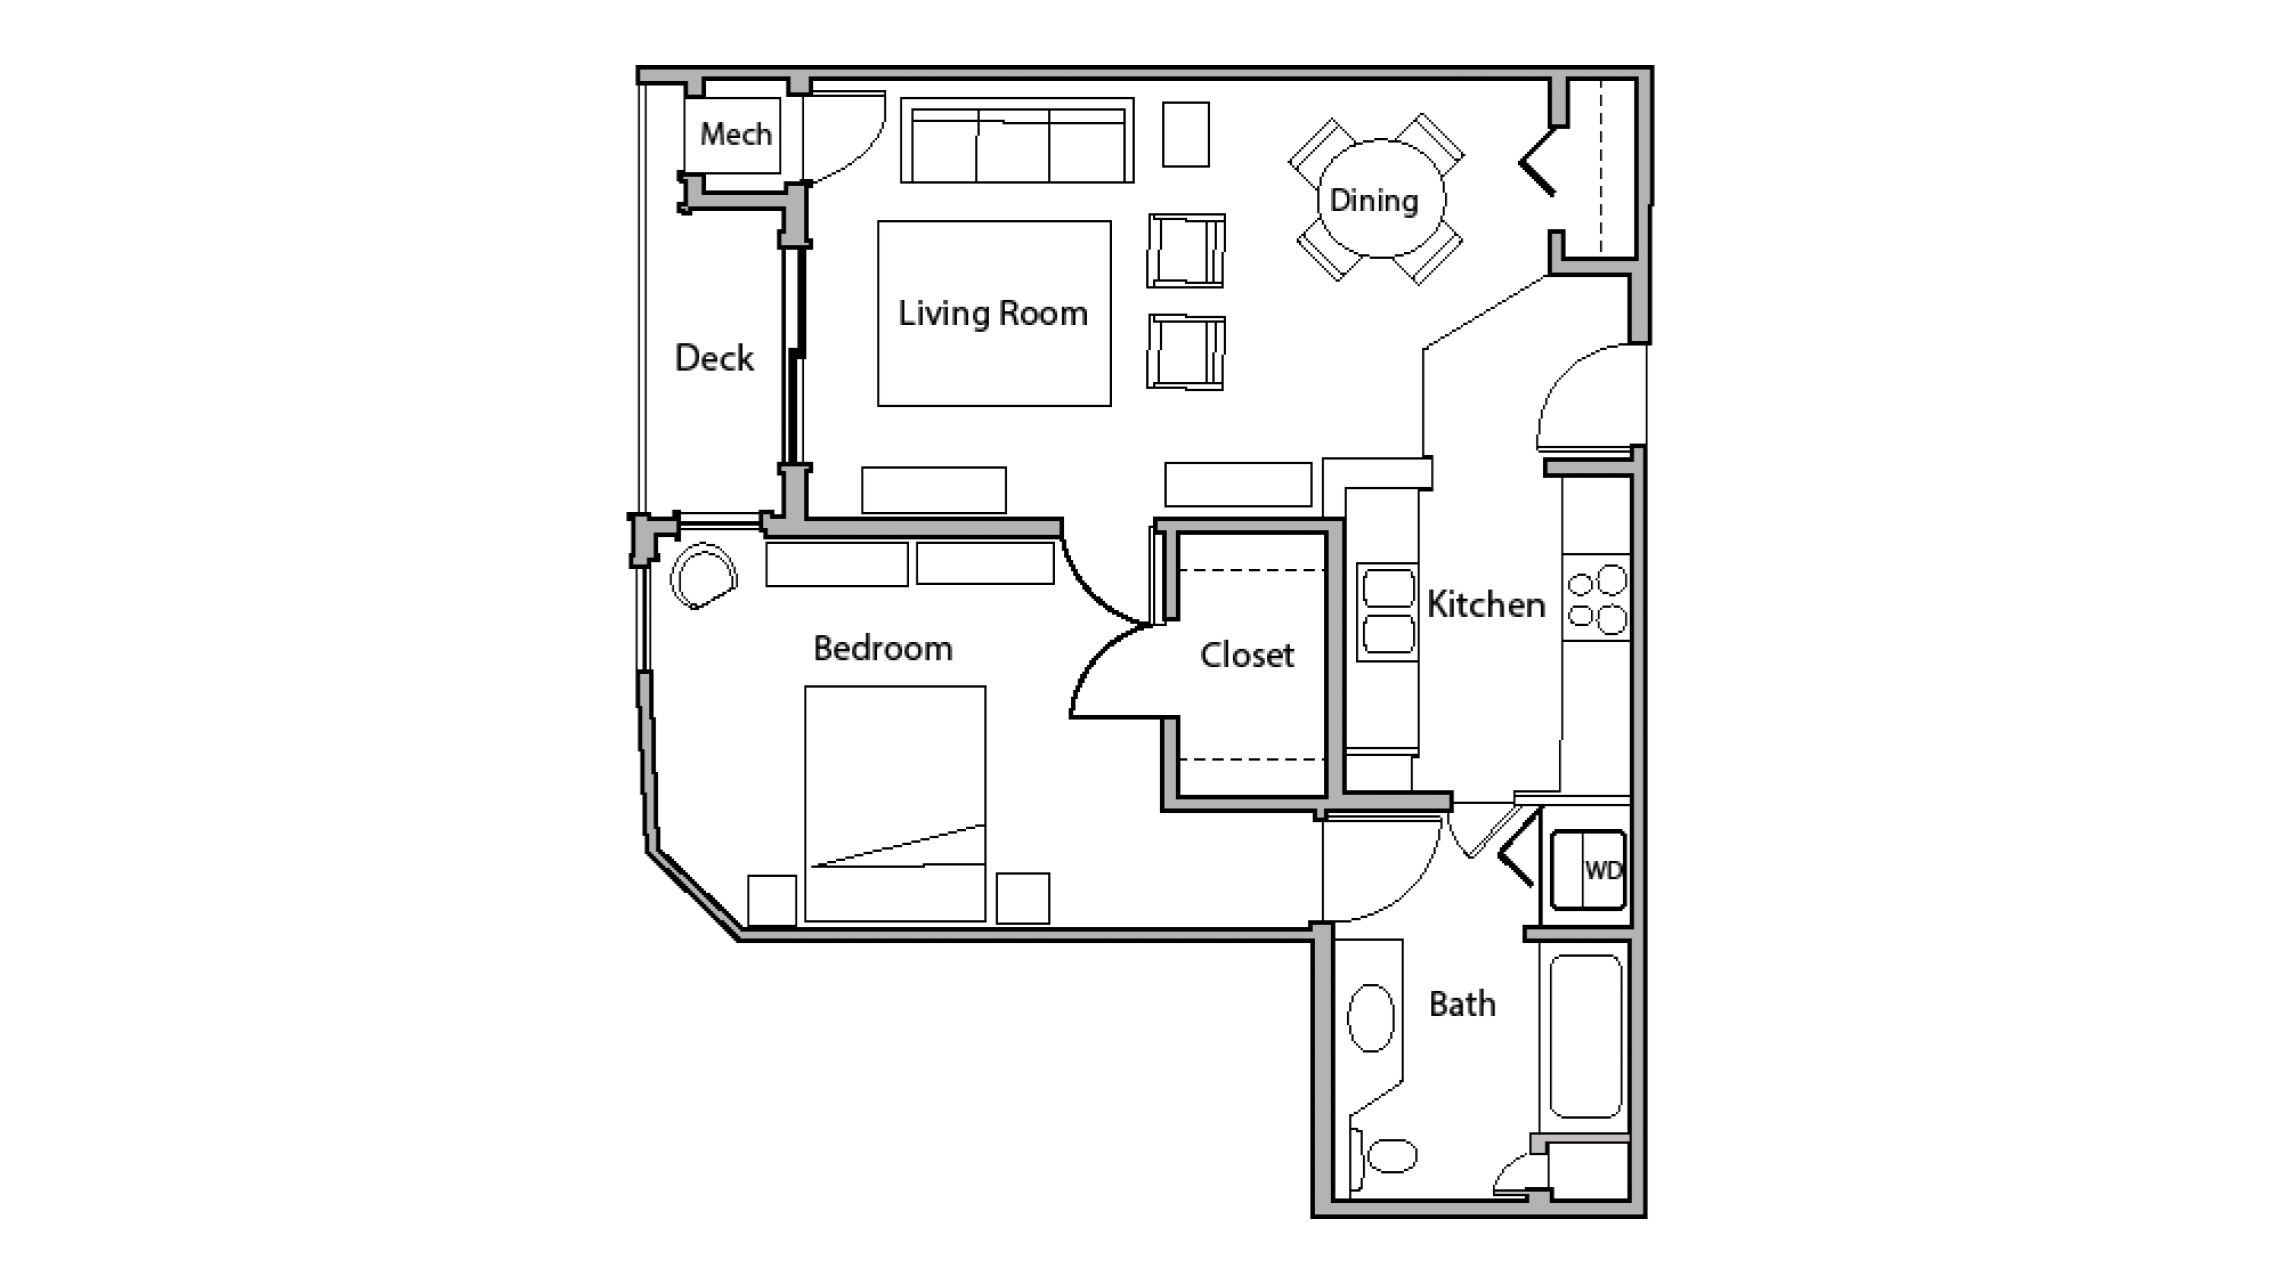 ULI Wilson Bay 103 - One Bedroom, One Bathroom